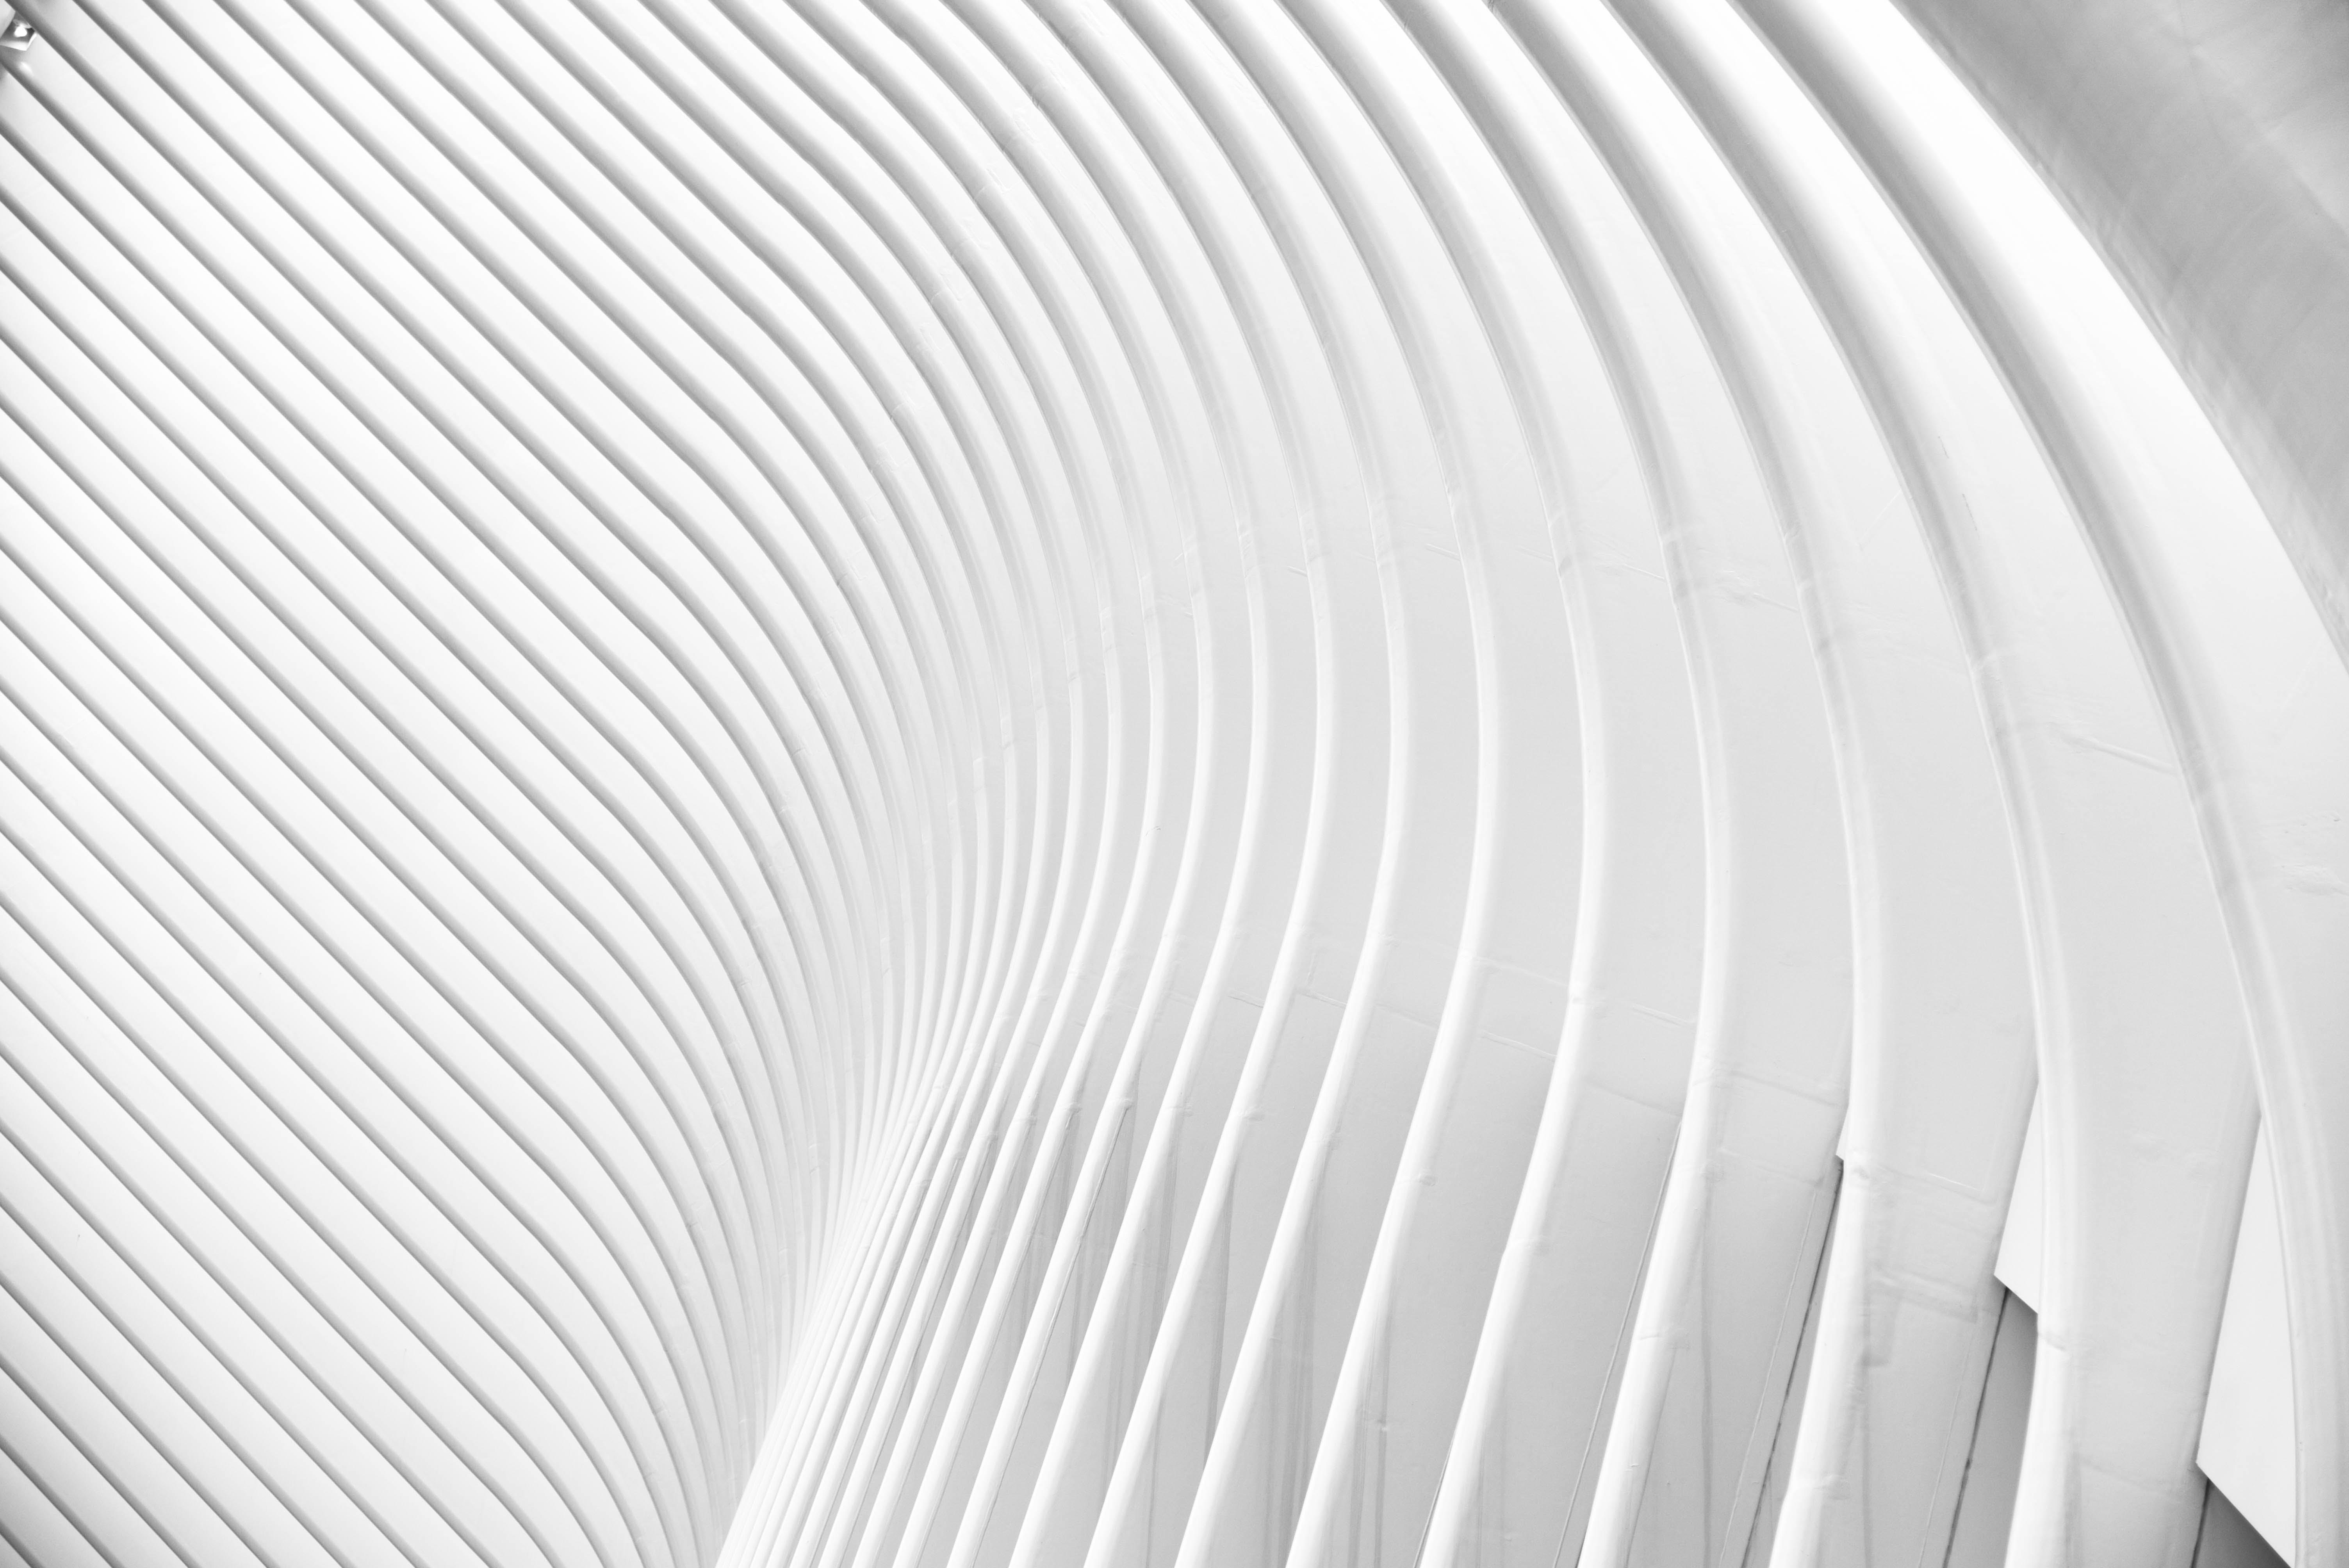 パターン, ミニマリズム, 建築, 曲線の無料の写真素材